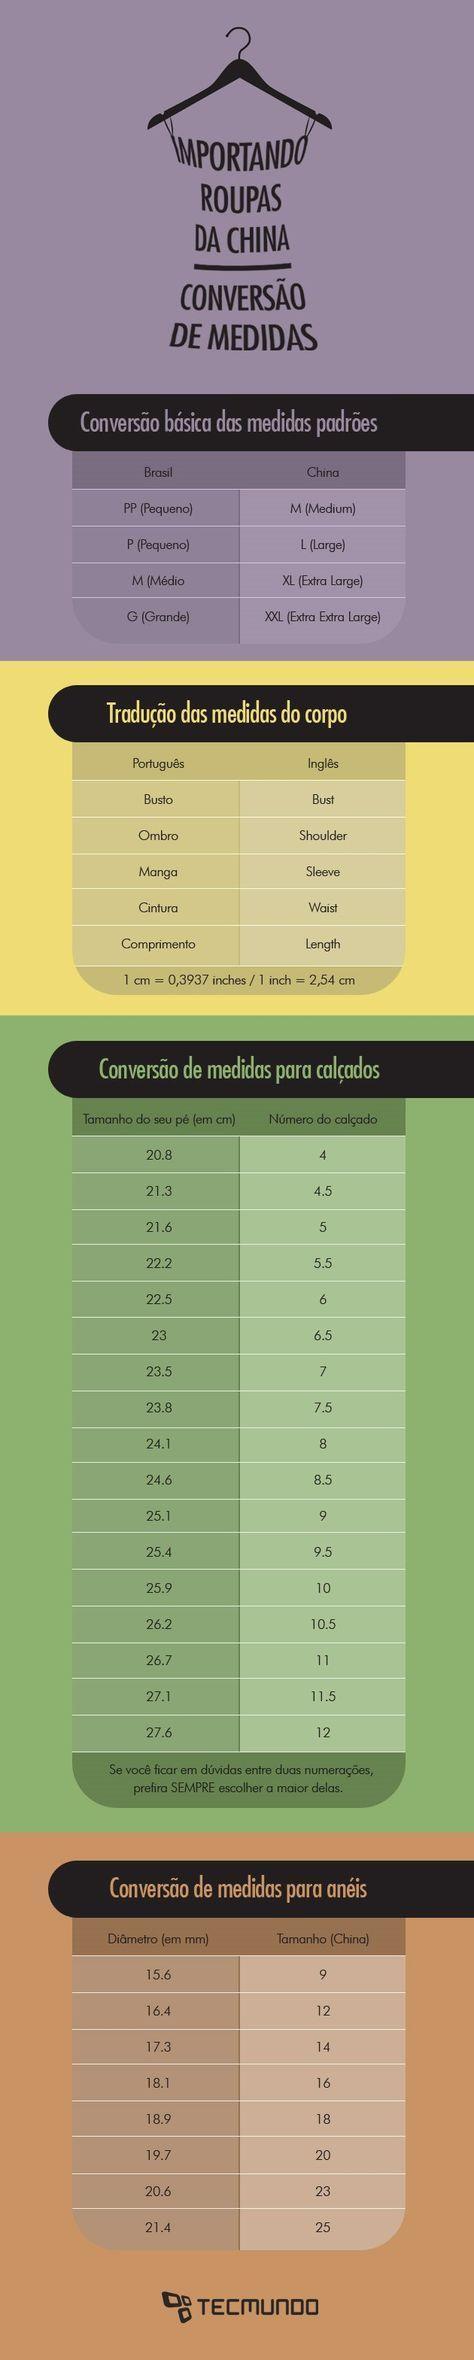 conversão de medidas roupas e sapatos Brasil China (com